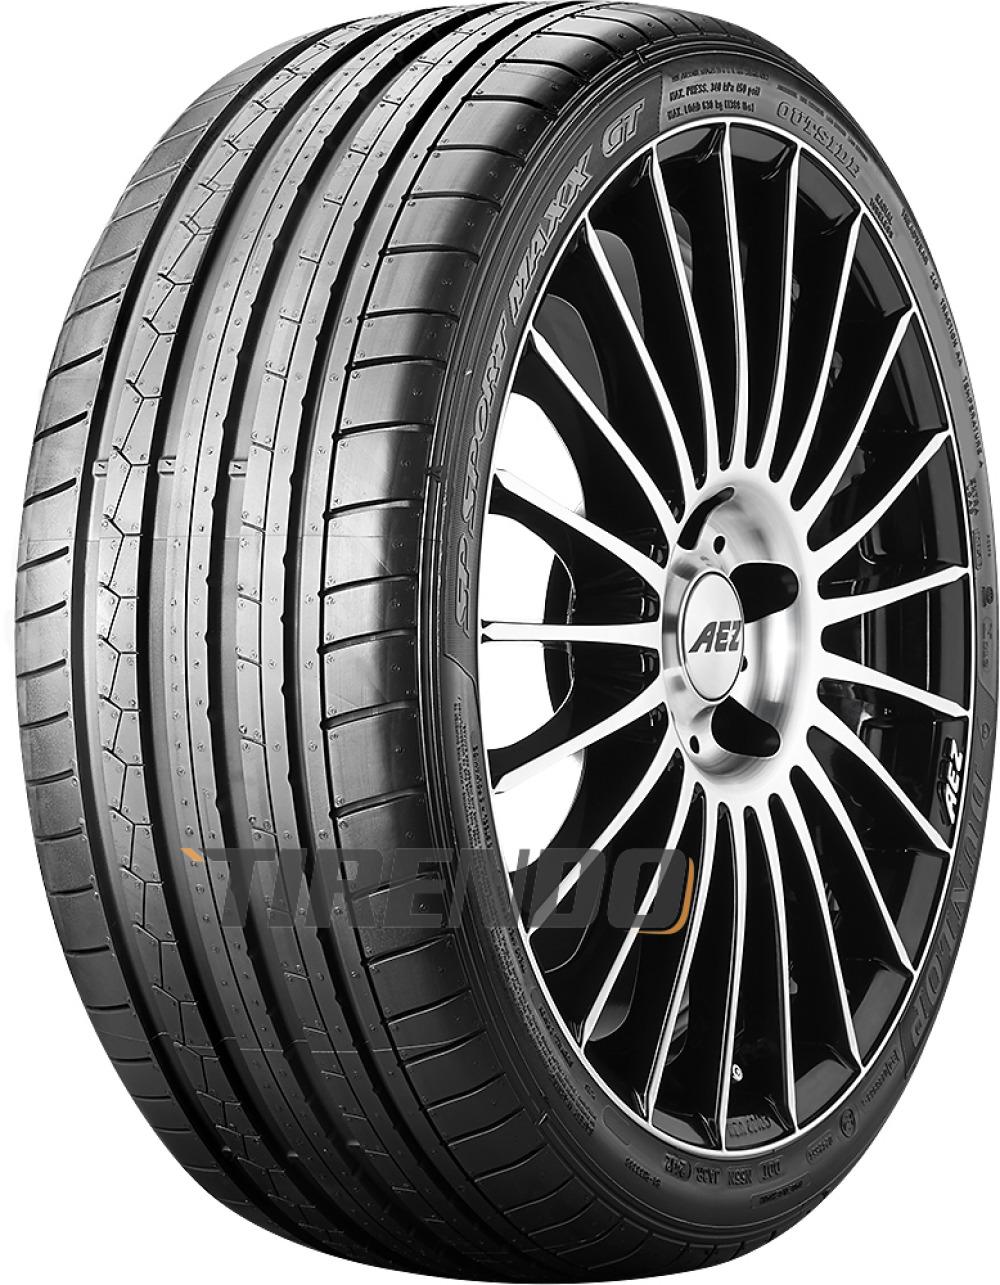 Dunlop SP Sport Maxx GT ( 275/30 R20 97Y XL mit Felgenschutz (MFS), RO1 BLT )